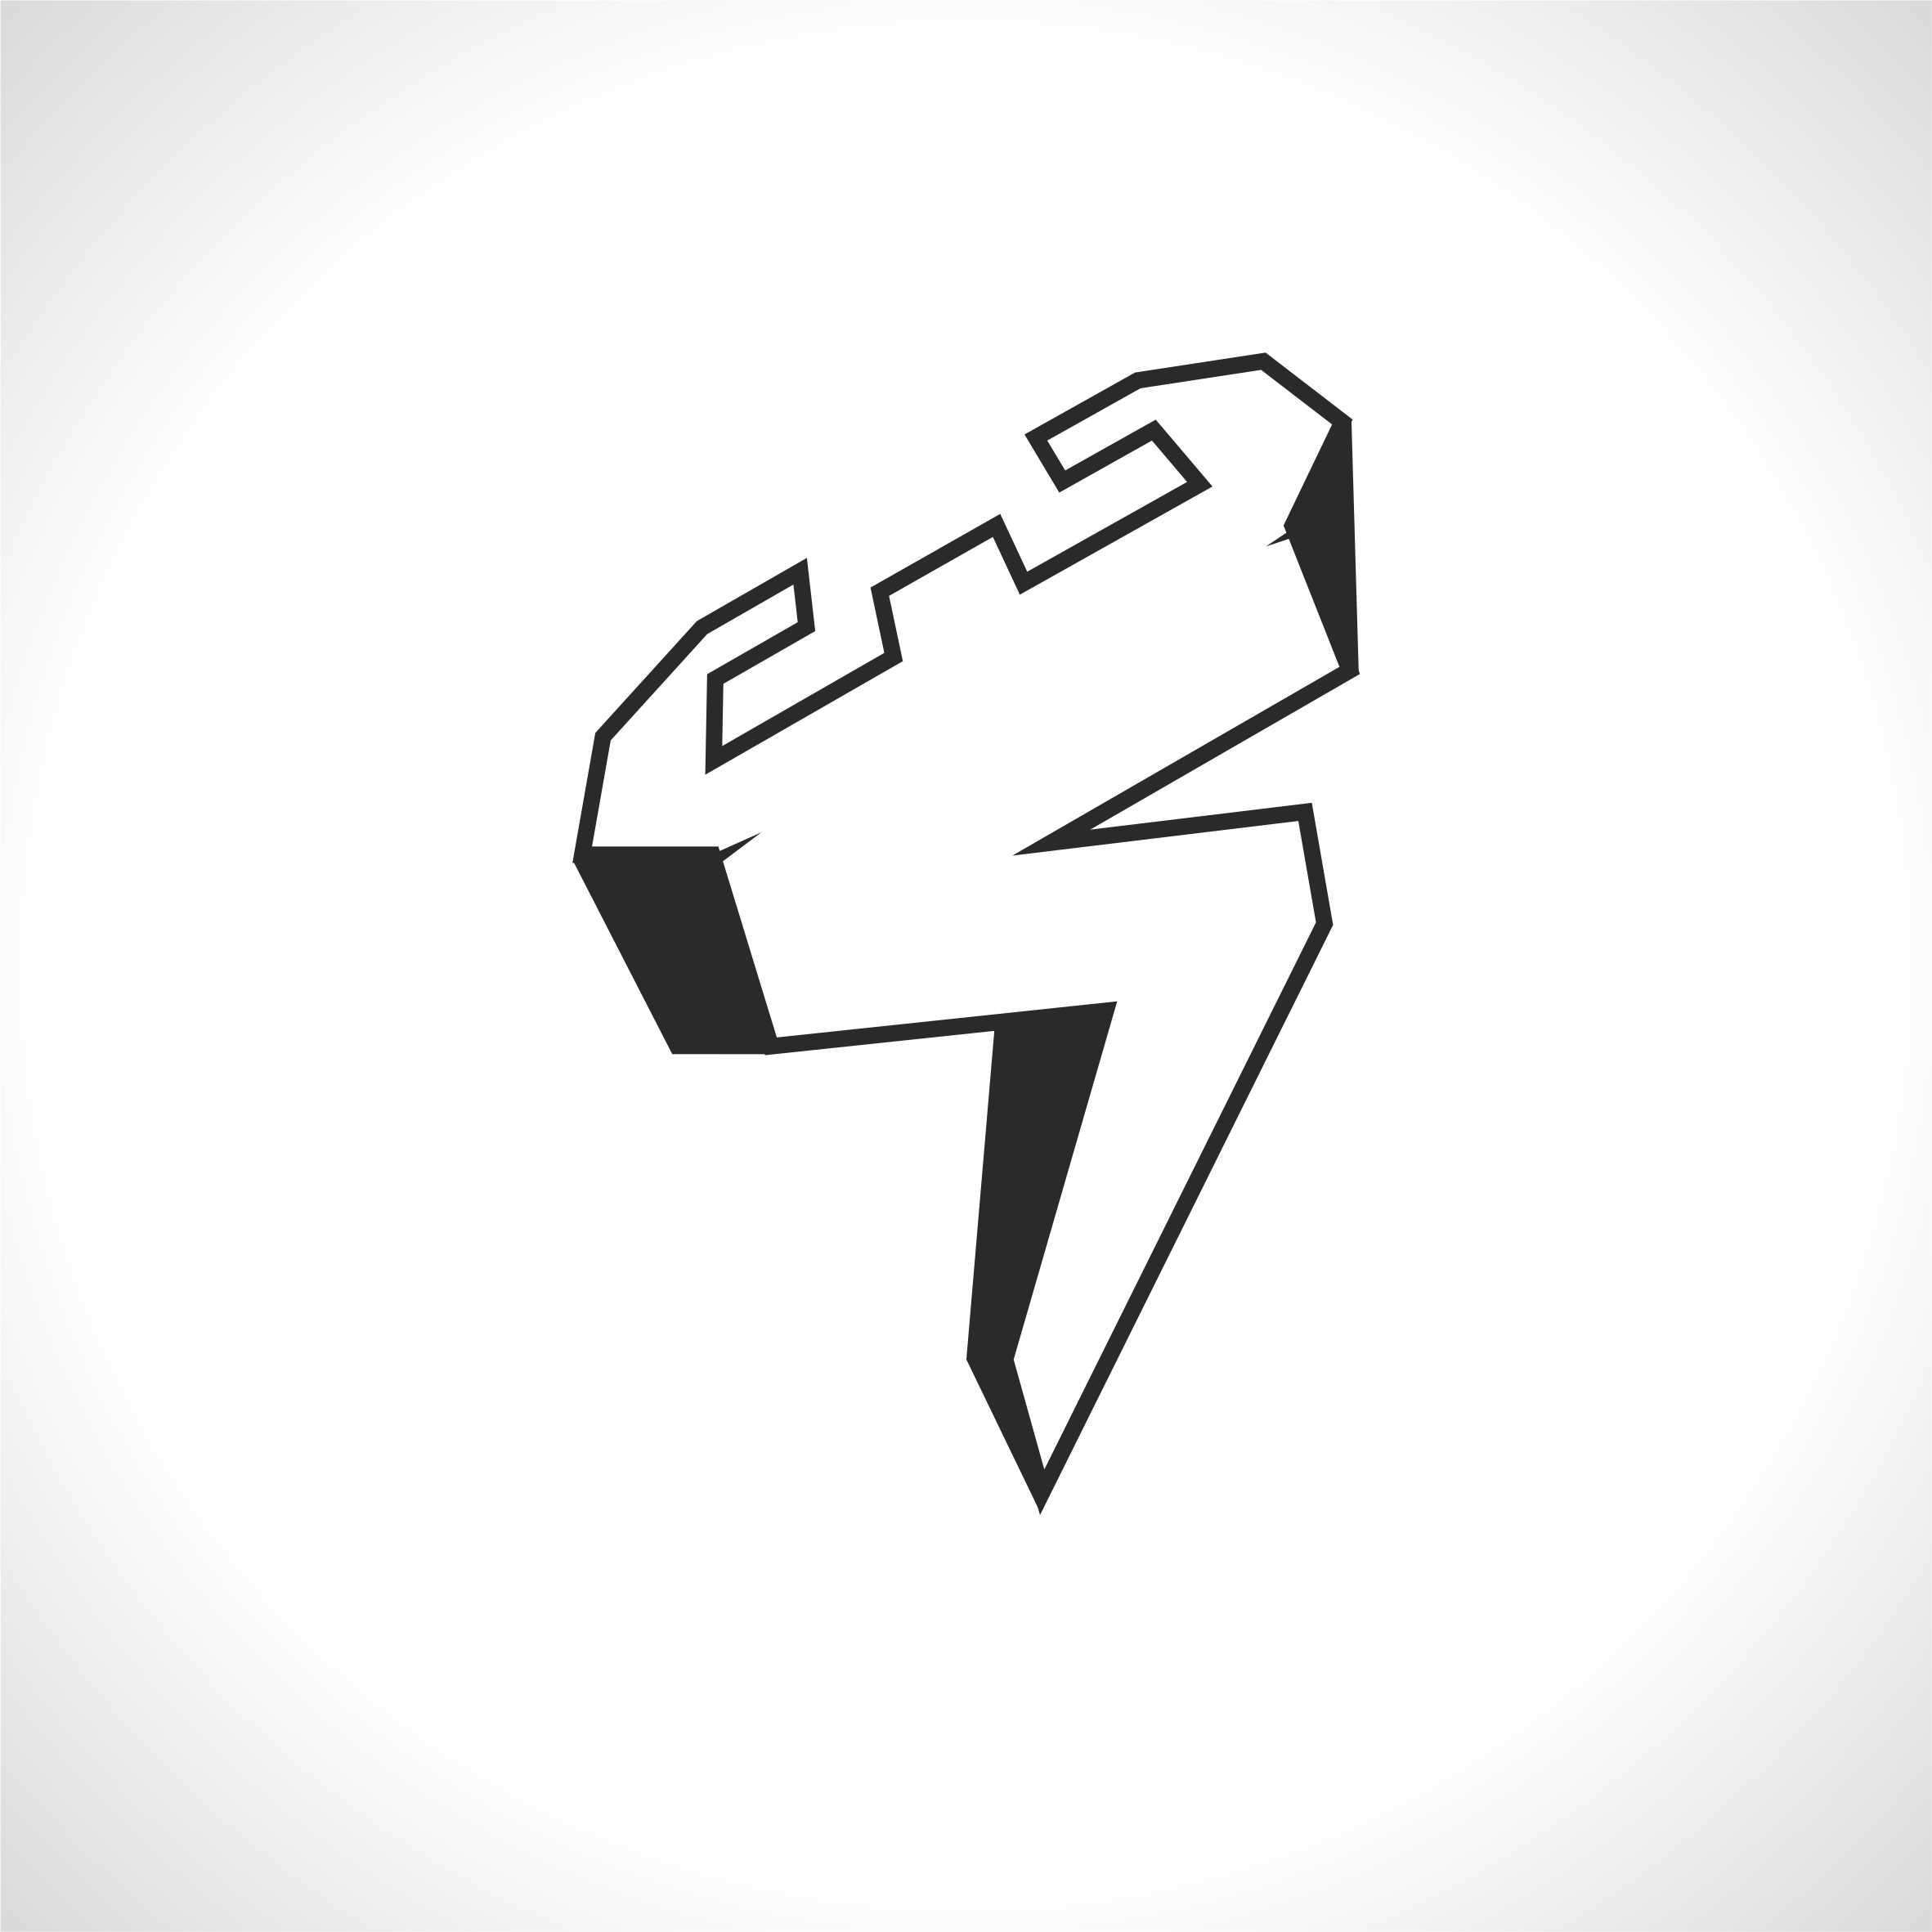 Логотип для инженерной компании фото f_19551c91f3ad60b9.jpg